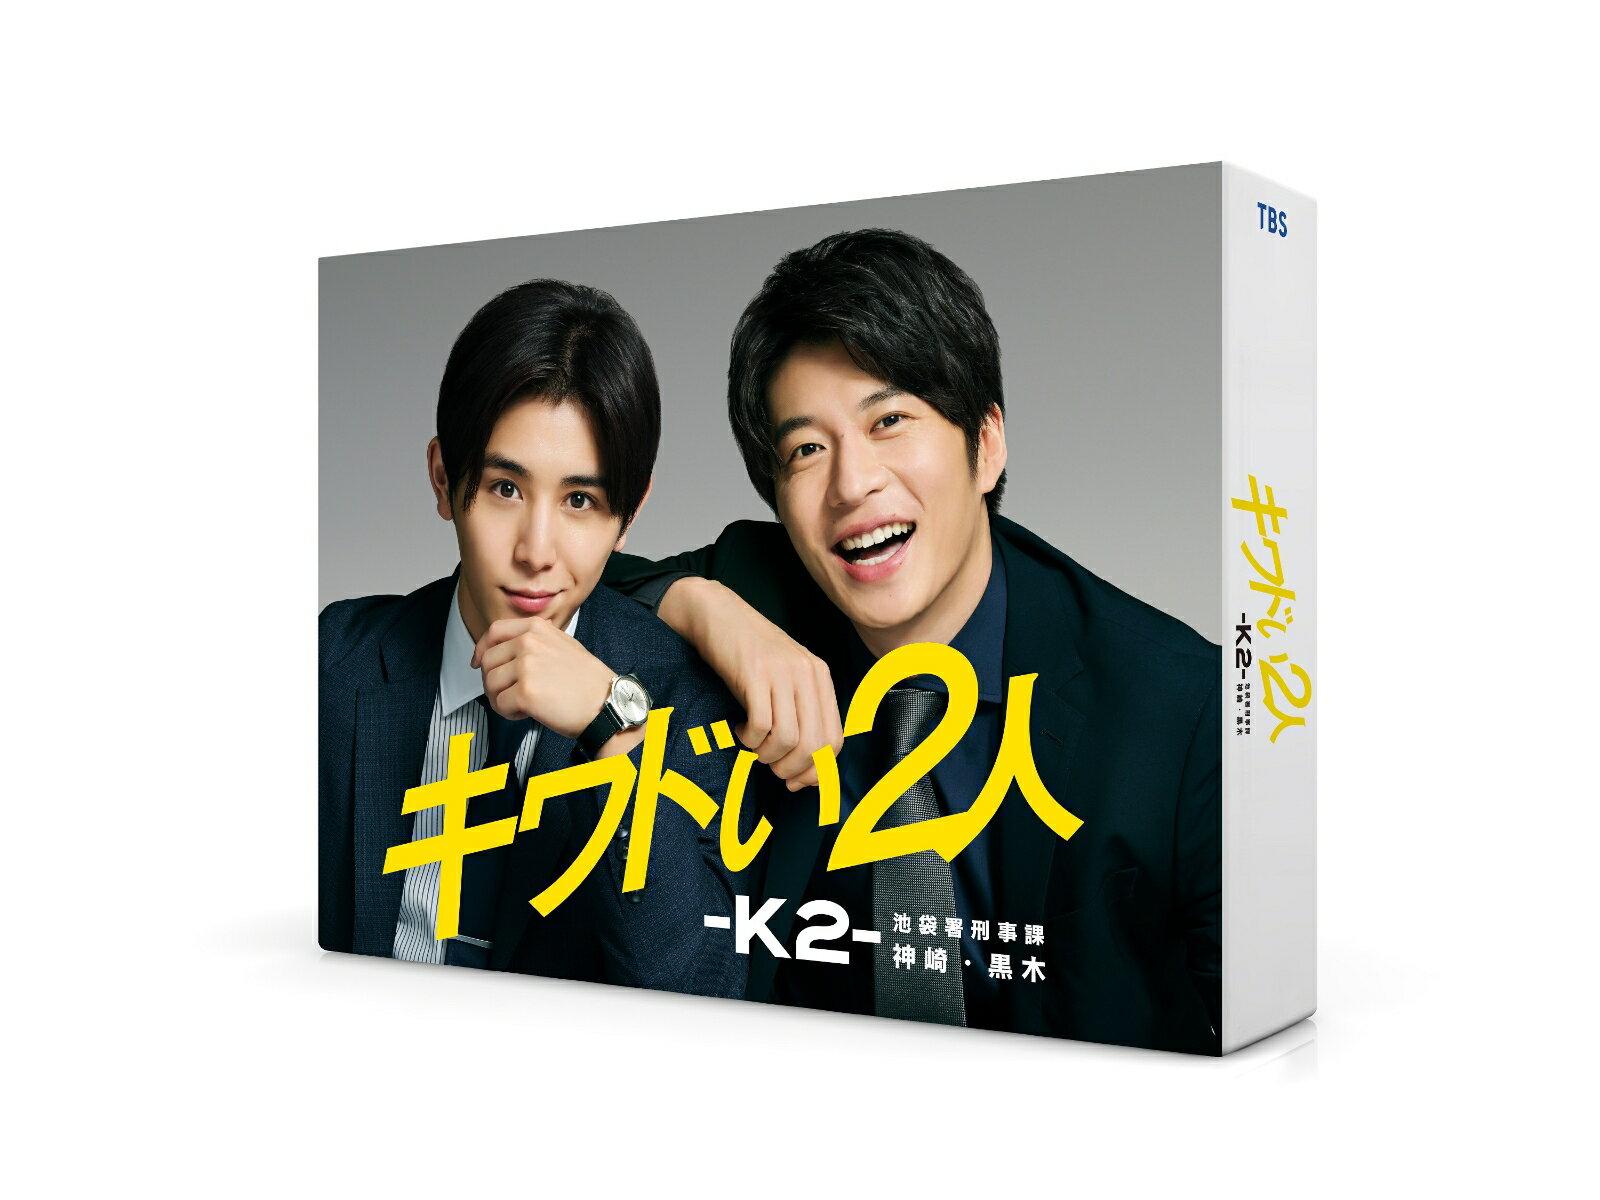 キワドい2人ーK2-池袋署刑事課神崎・黒木 DVD-BOX